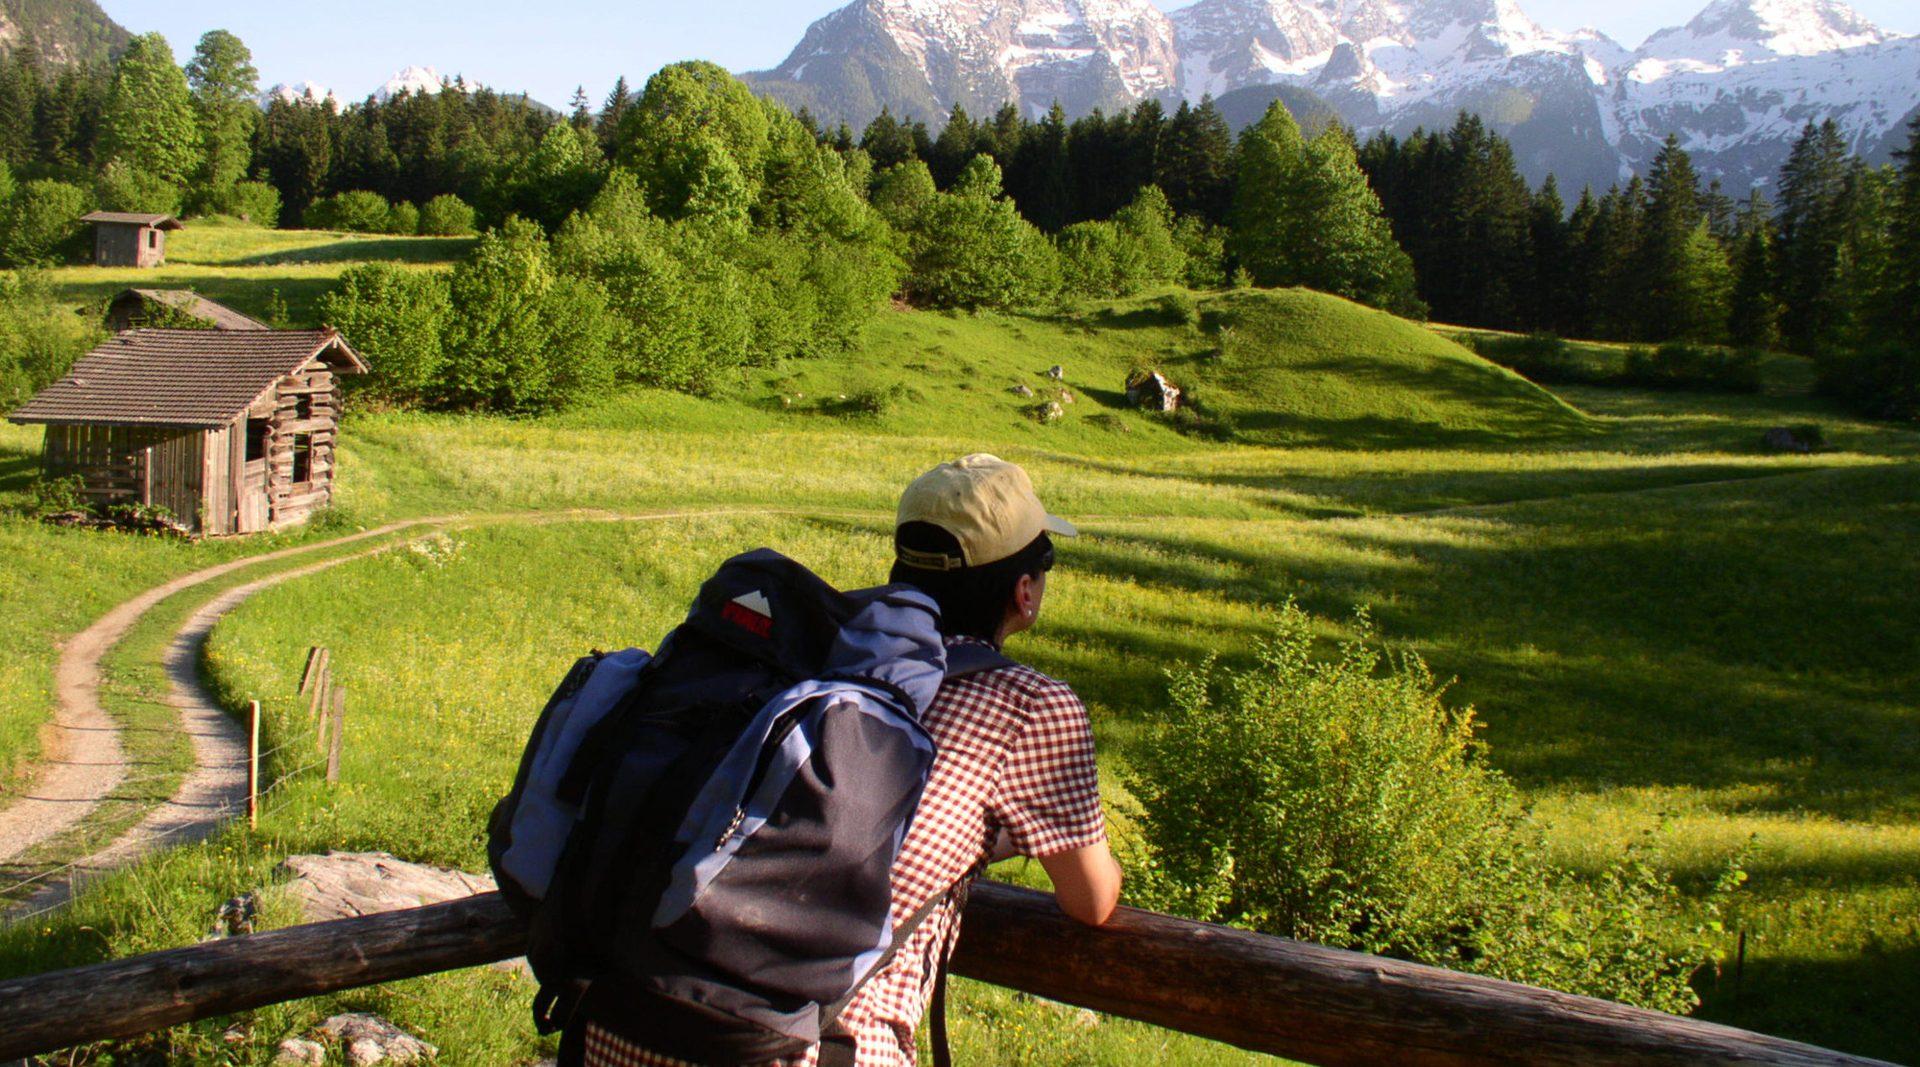 Ein Pilgerer mit Rucksack blickt über die Almwiese in die Ferne